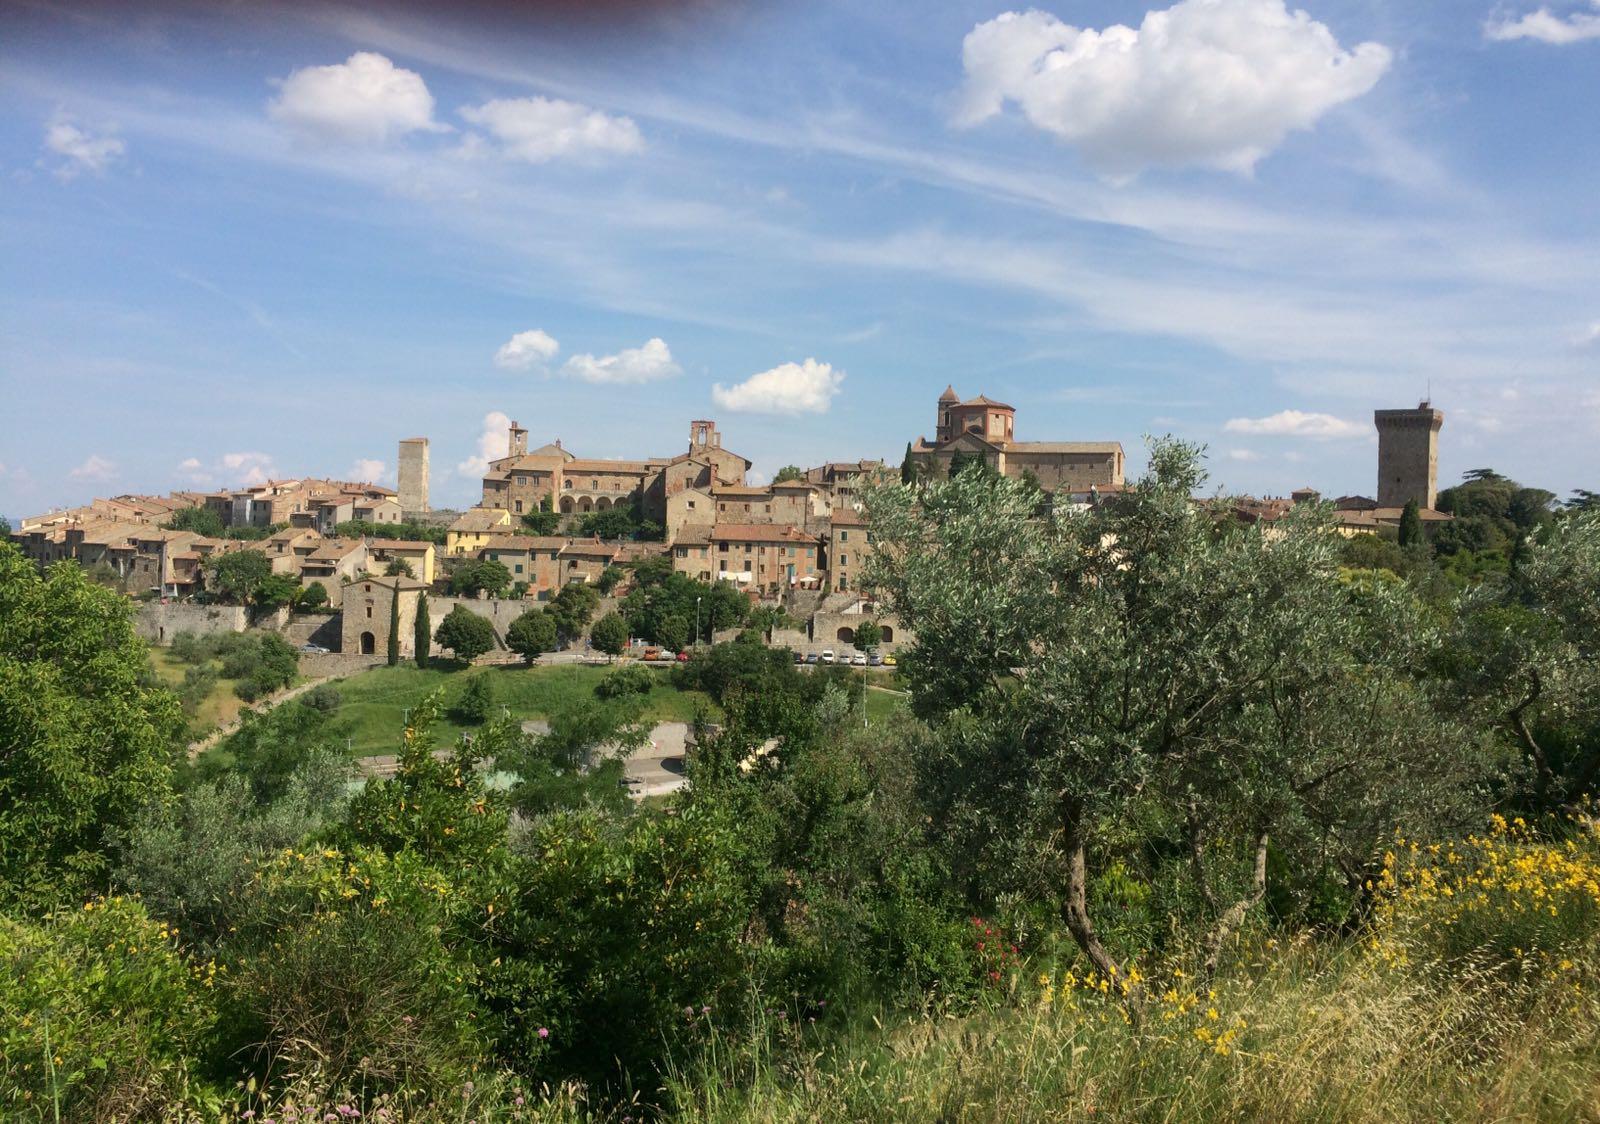 L'estate di Lucignano si anima...